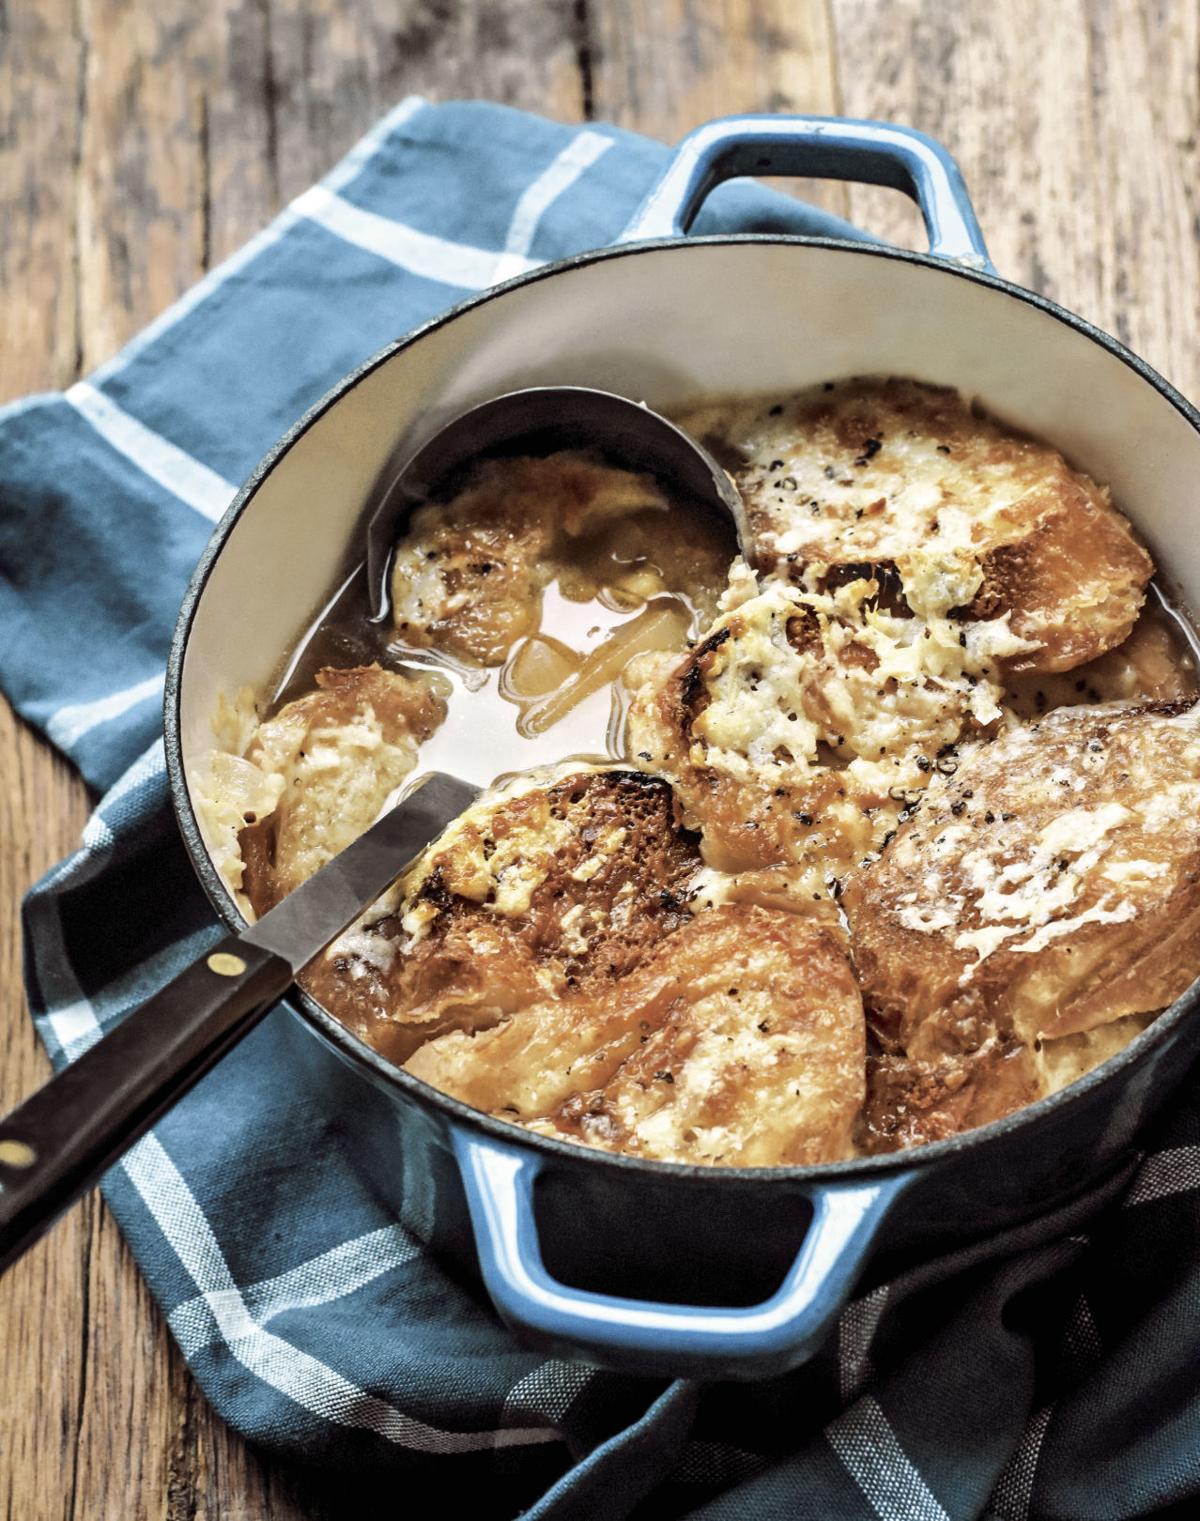 Gratinée à l'Oignon or One-Pot French Onion Soup